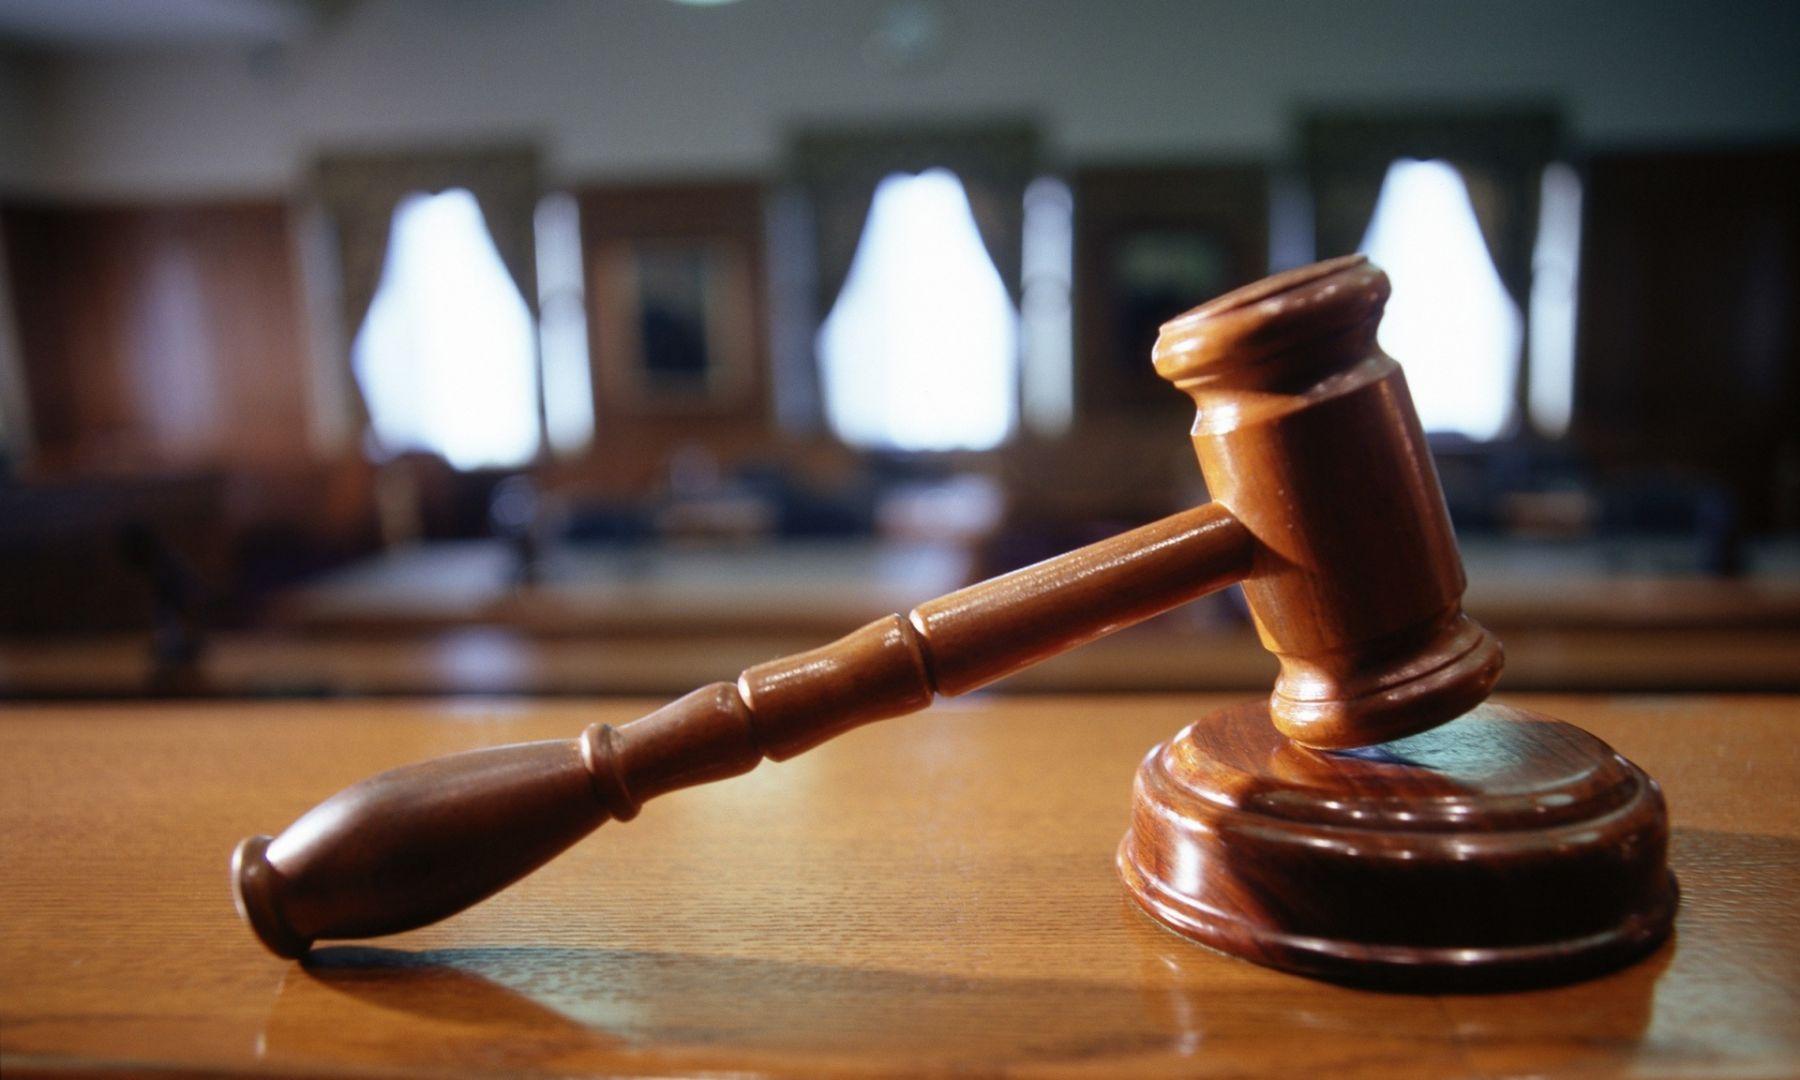 2-х полицейских вНевинномысске обвиняют вполучении взятки посговору